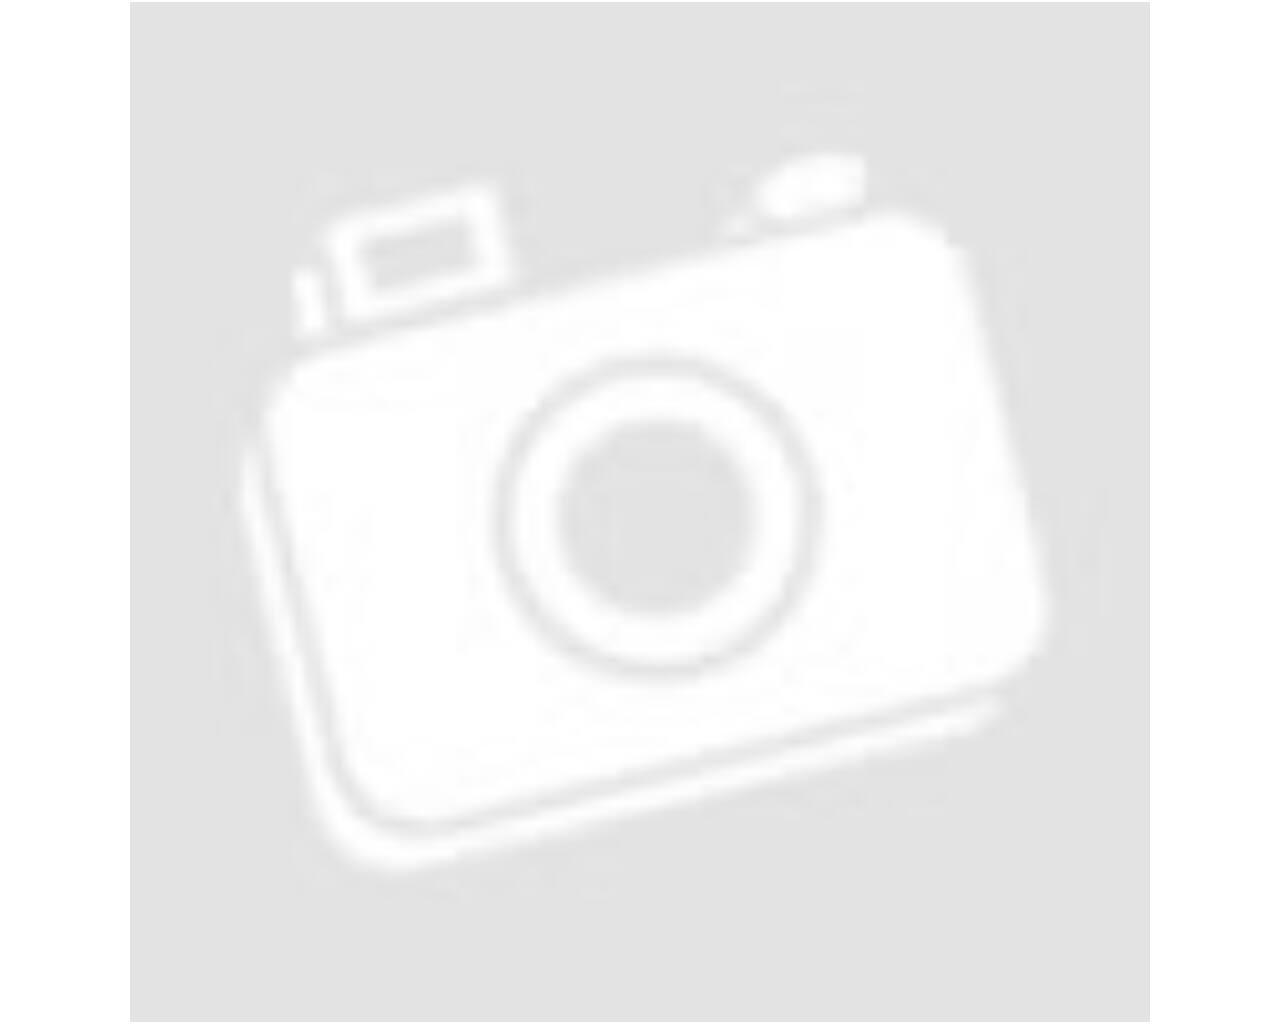 Konyhai mérleg Kadda LCD képernyős, fehér max5kg